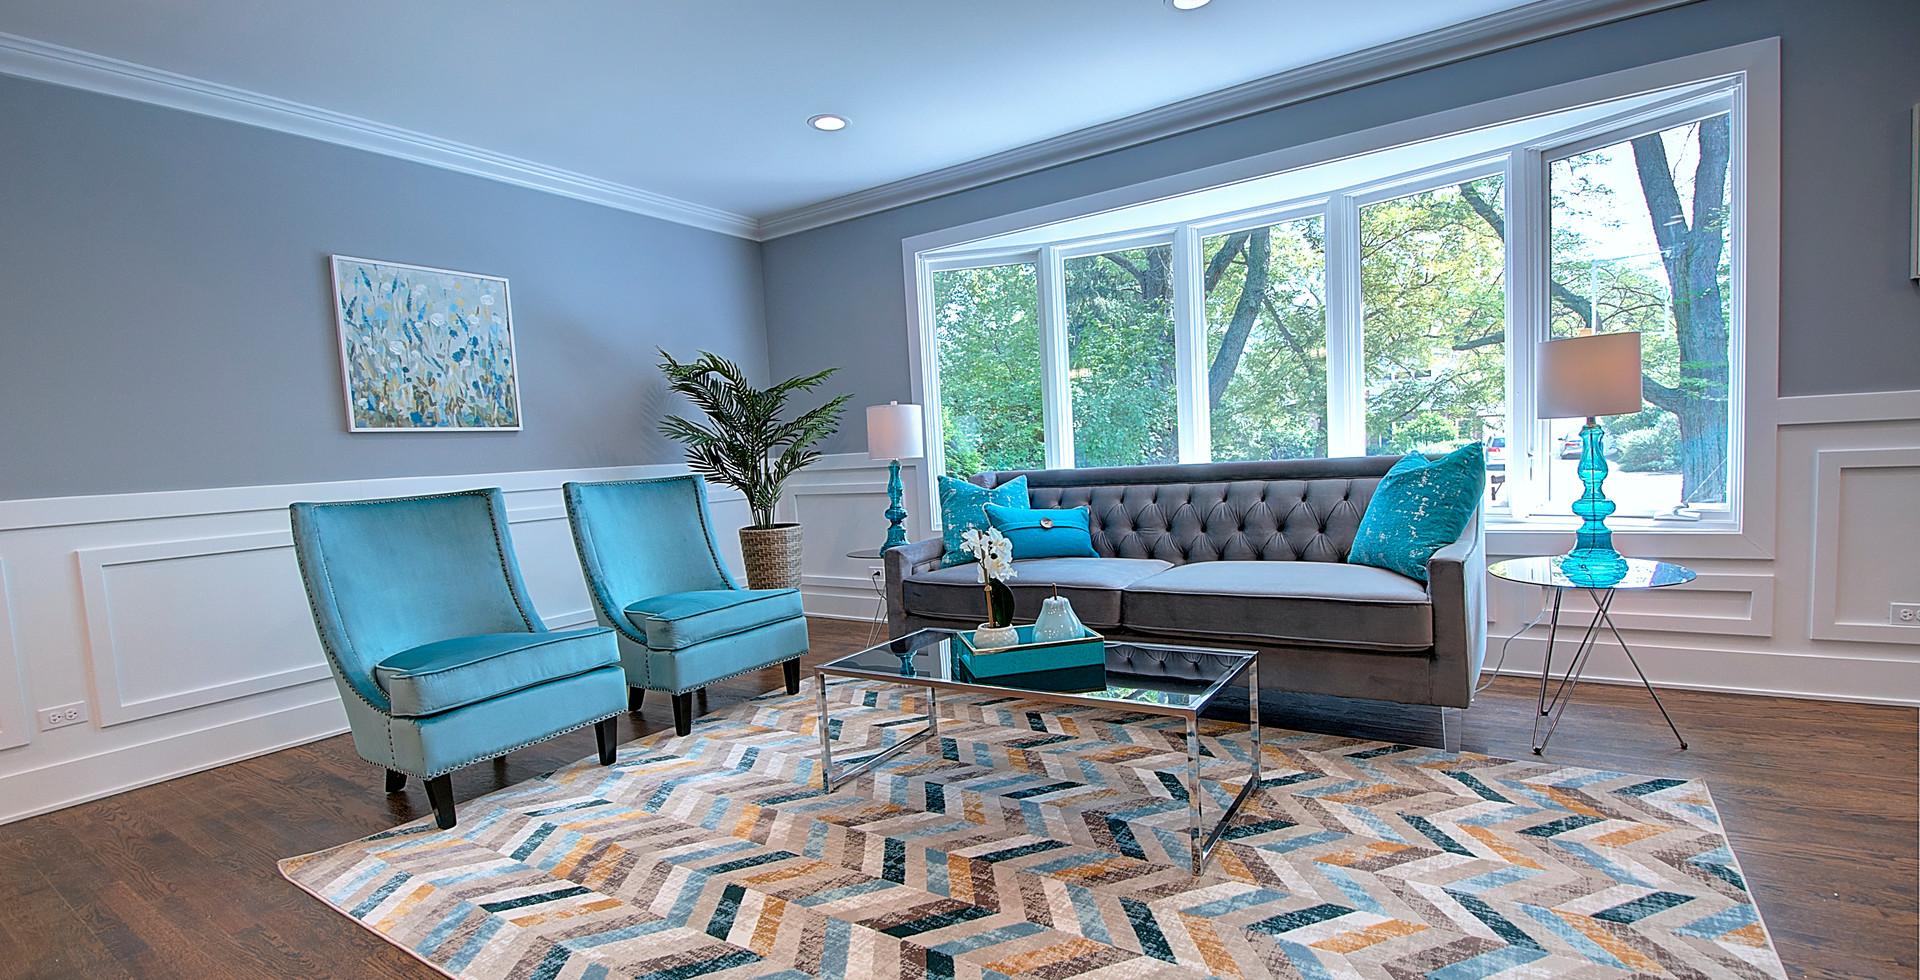 Living Room in Warrenville designed by MRM Home Design.jpg